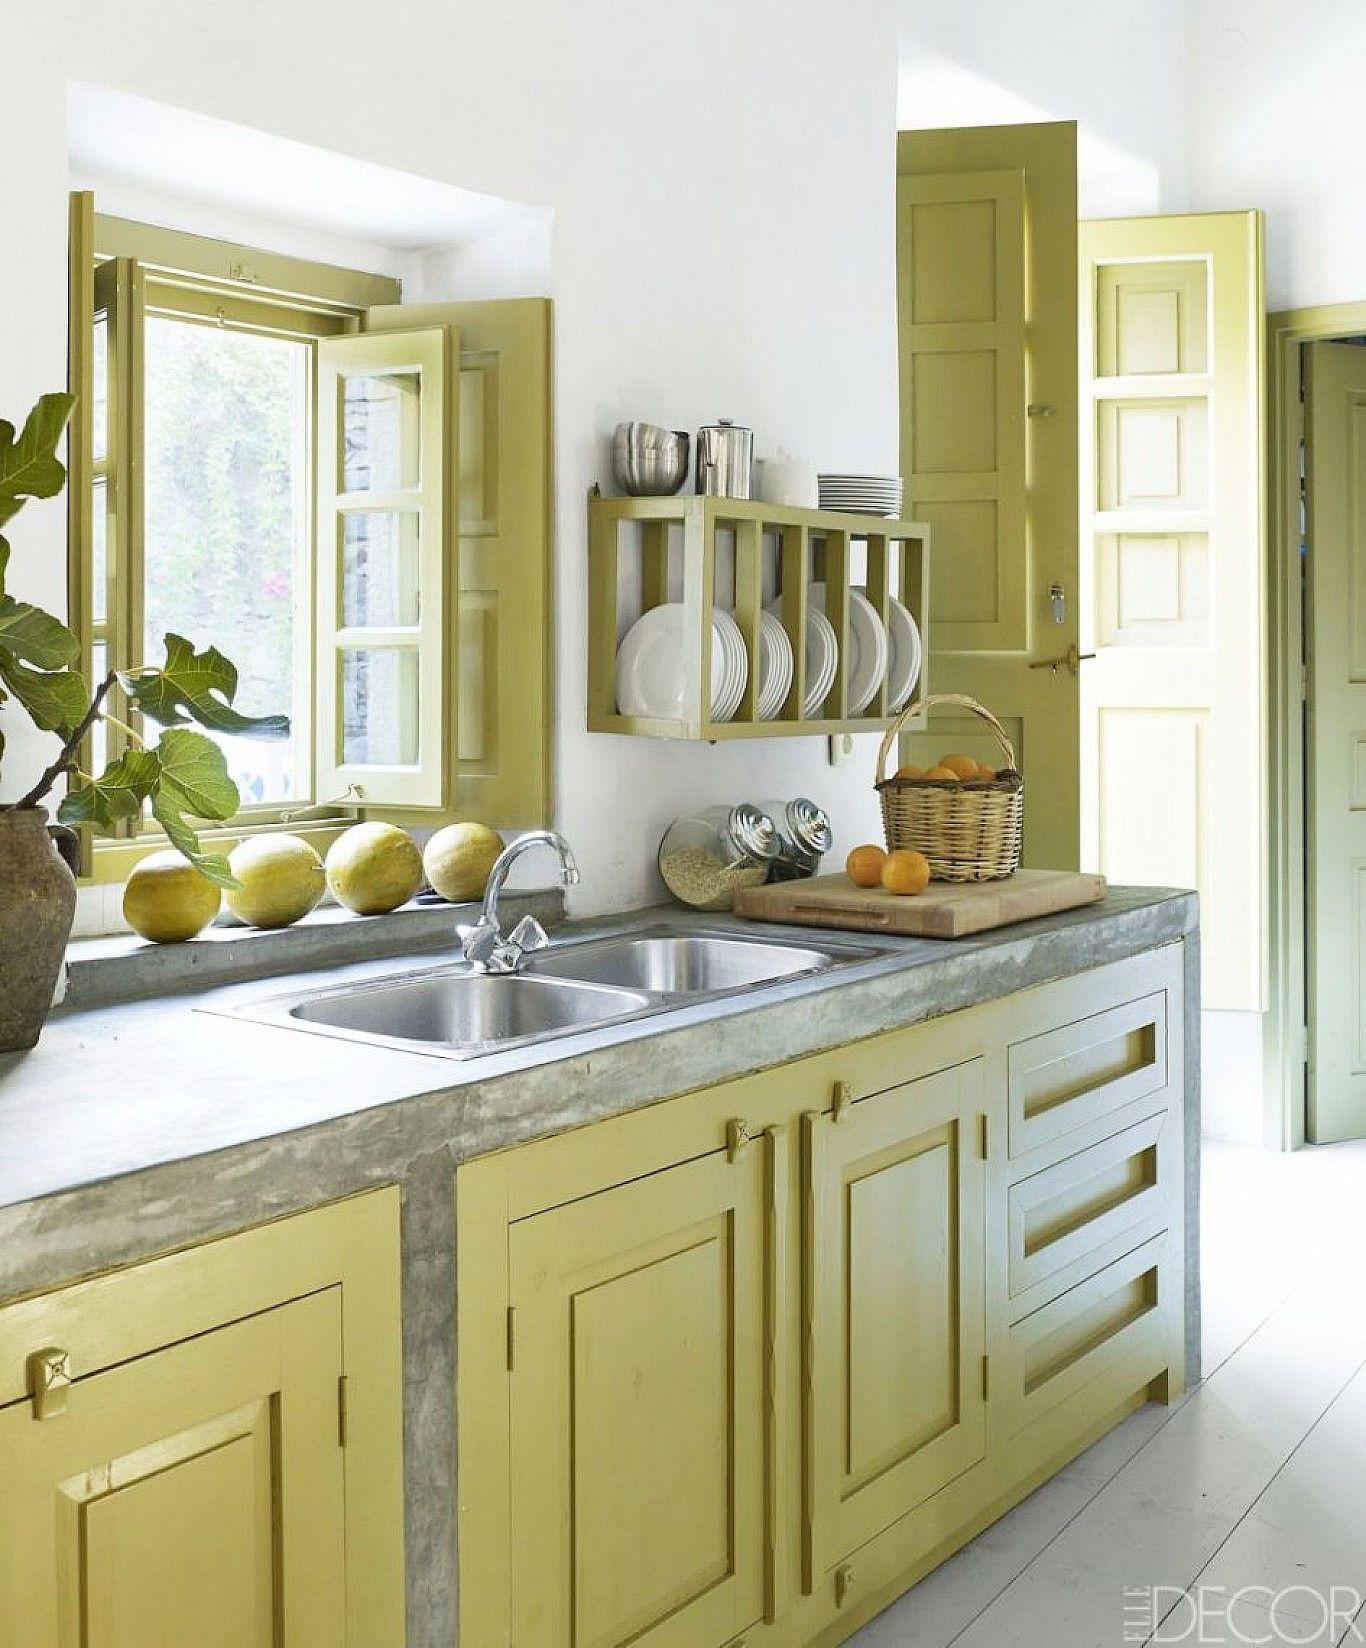 Kreative Wandgestaltung Mit Farbe: Leicht Gelb Küche Ideen (mit Bildern)